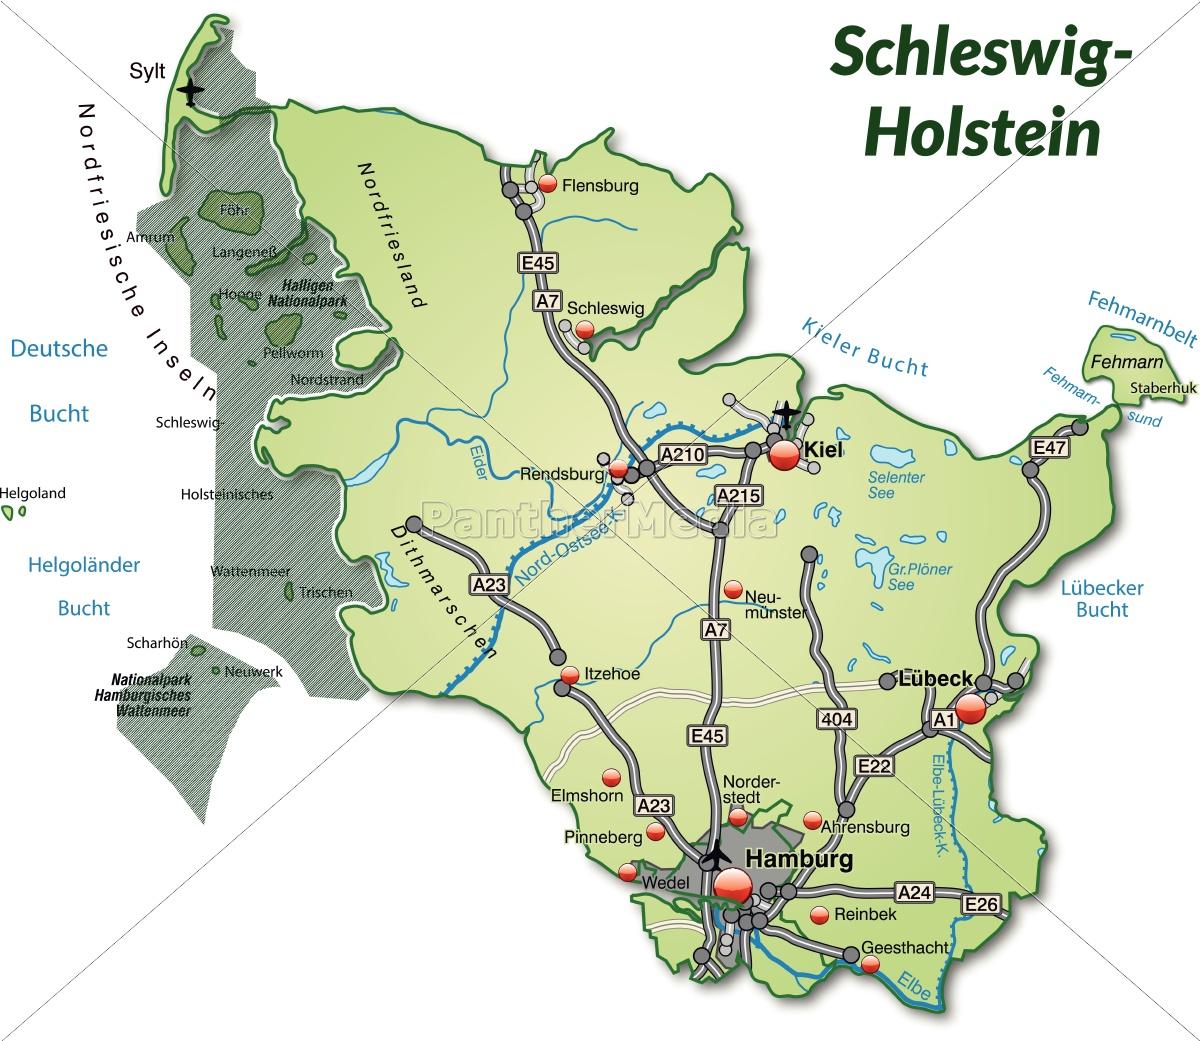 Kort Over Schleswig Holstein Med Transportnetvaerk I Stockphoto